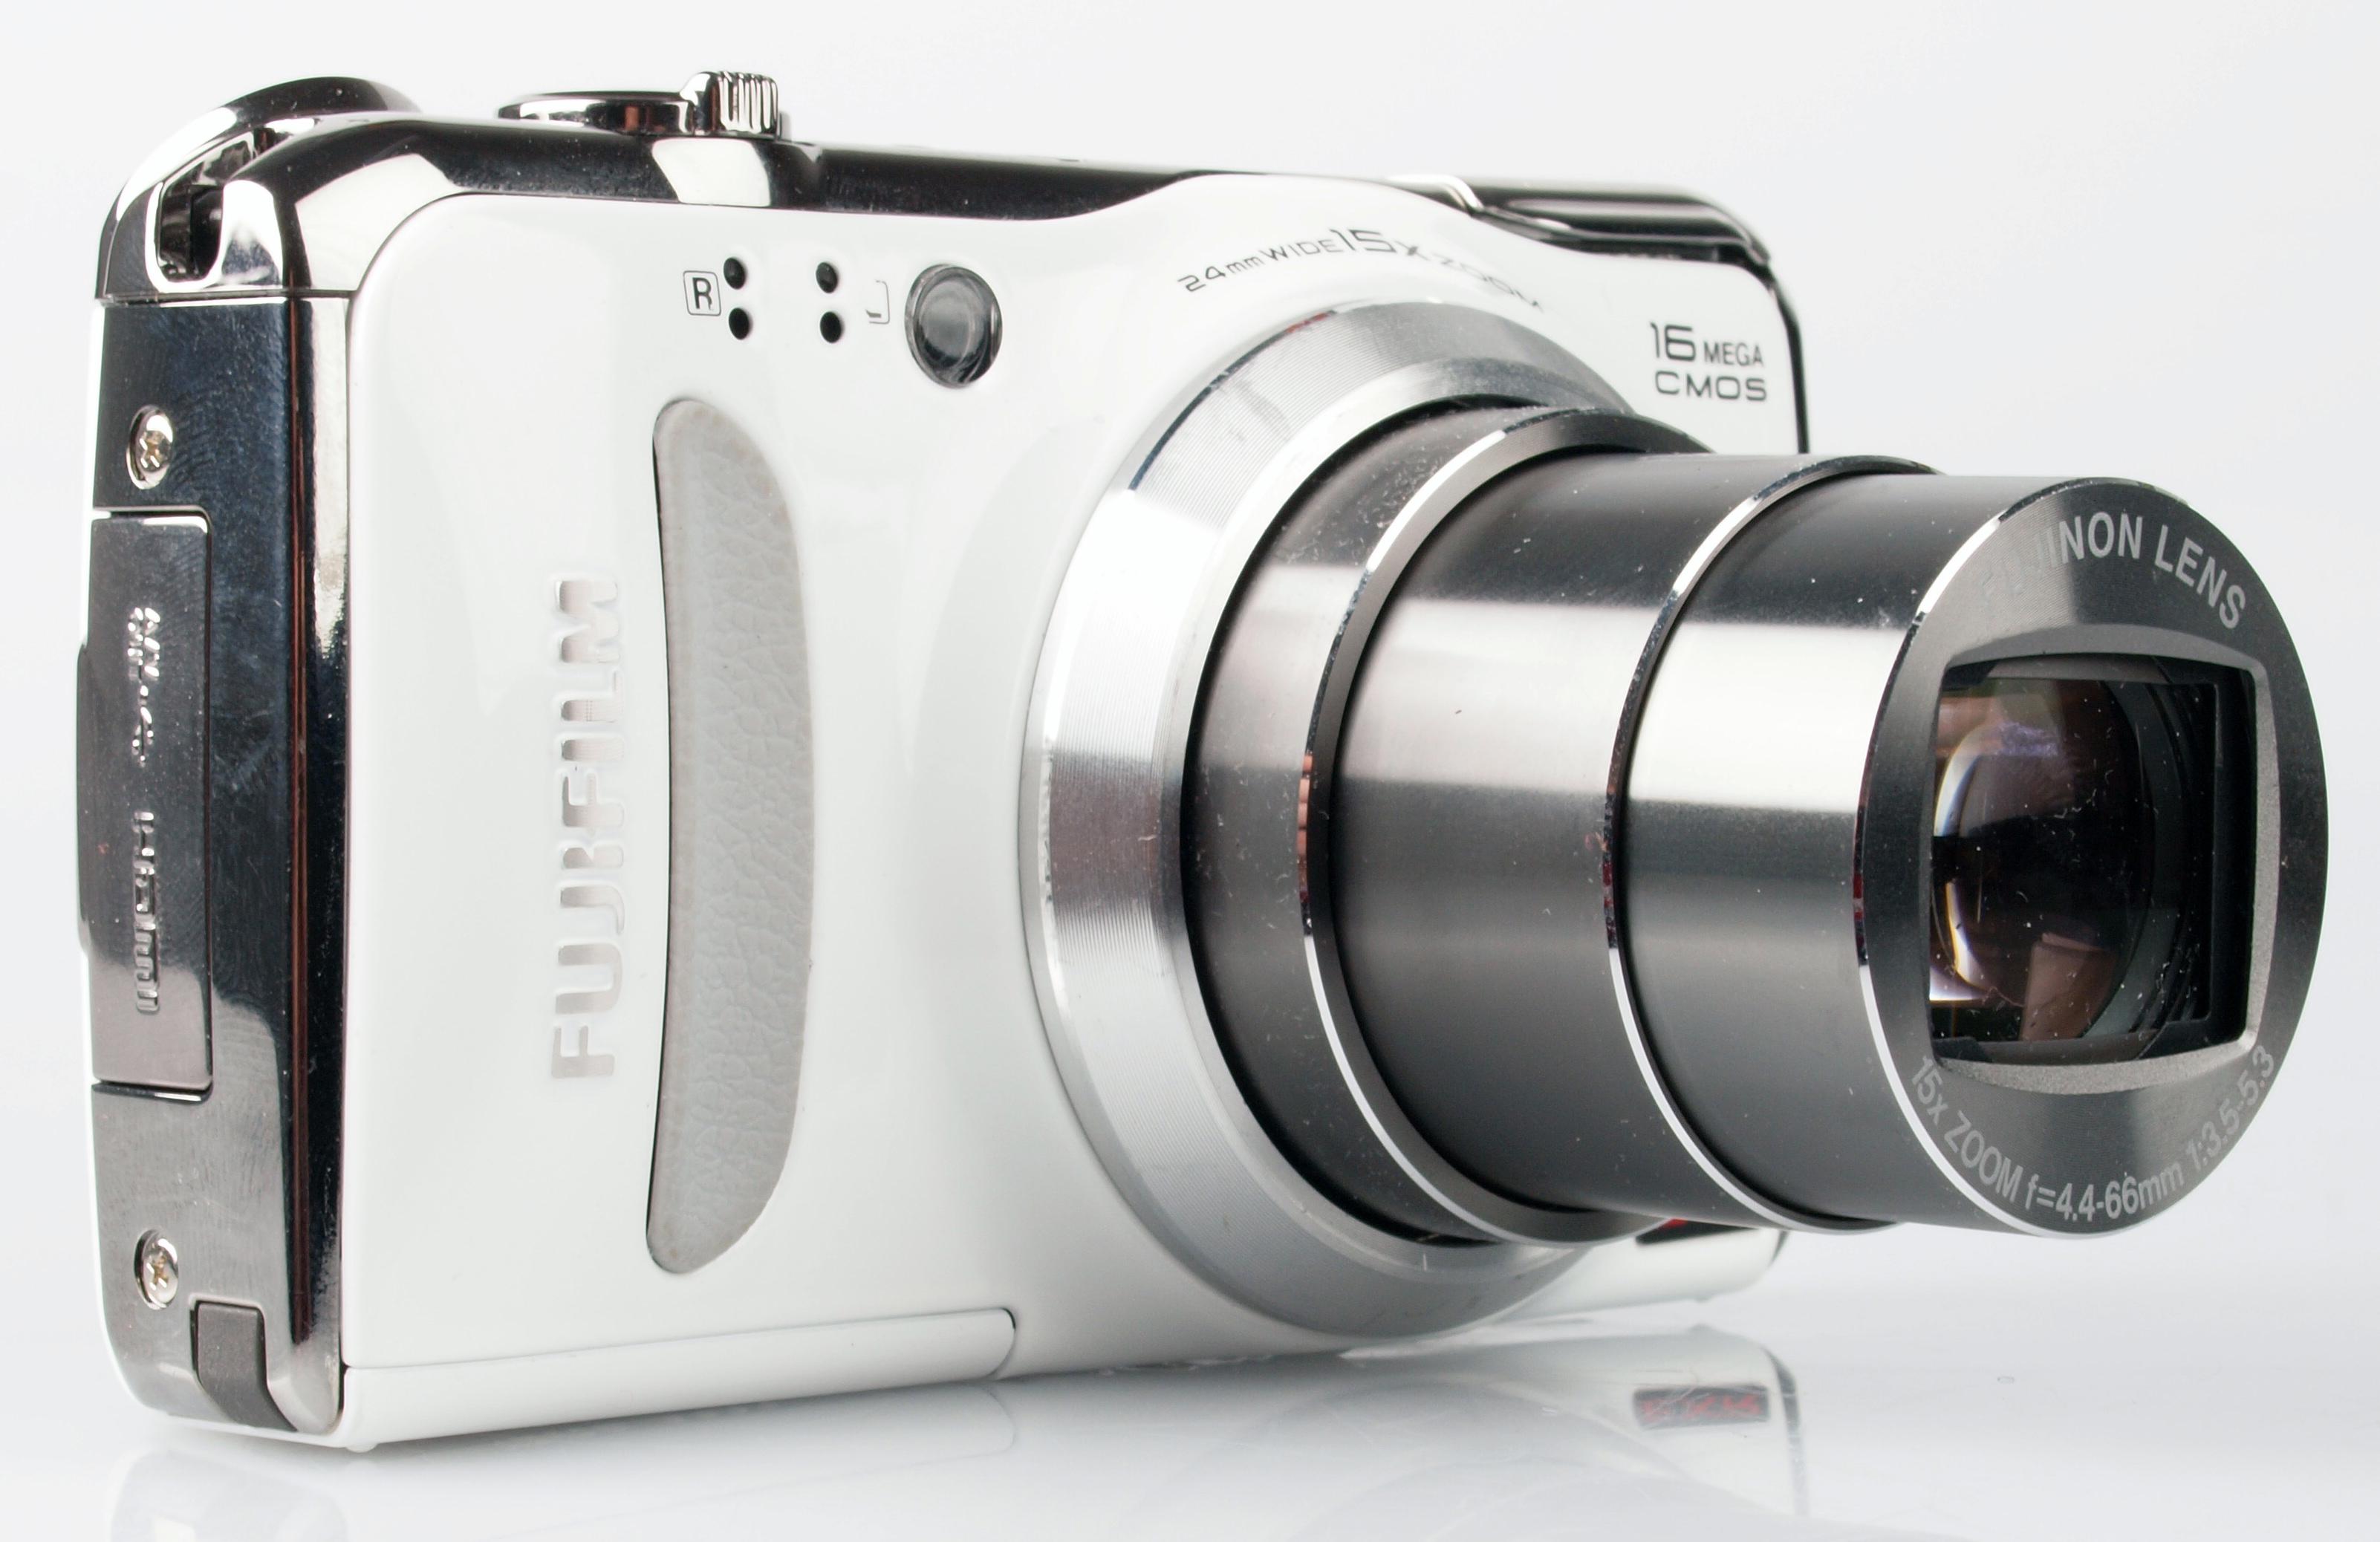 Spinner 360 Film Panoramic Camera Vs Digital Panoramic